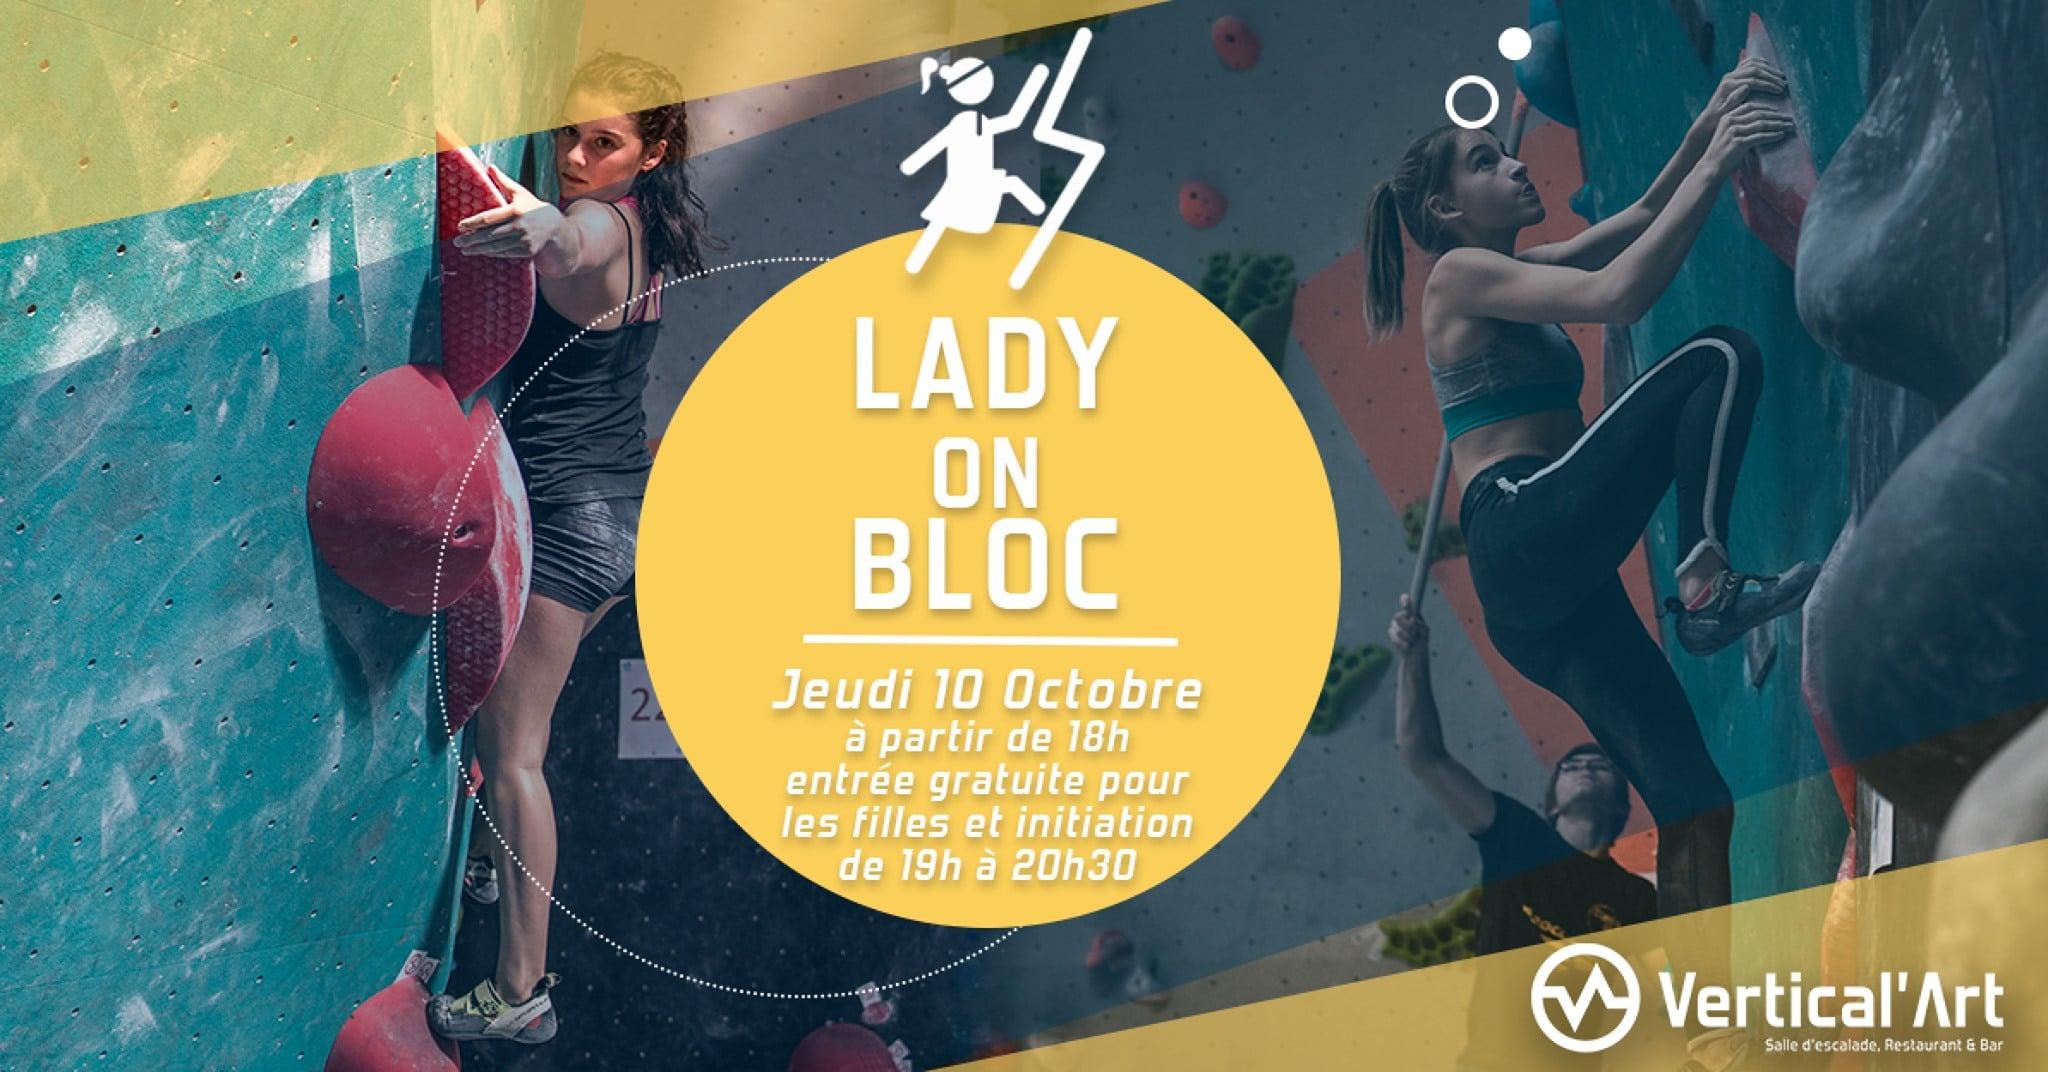 soirée fille - entrée gratuite - Vertical'Art Lyon salle d'escalade de bloc - fille - grimpe- restaurant - bar - happy hour - fête - sport